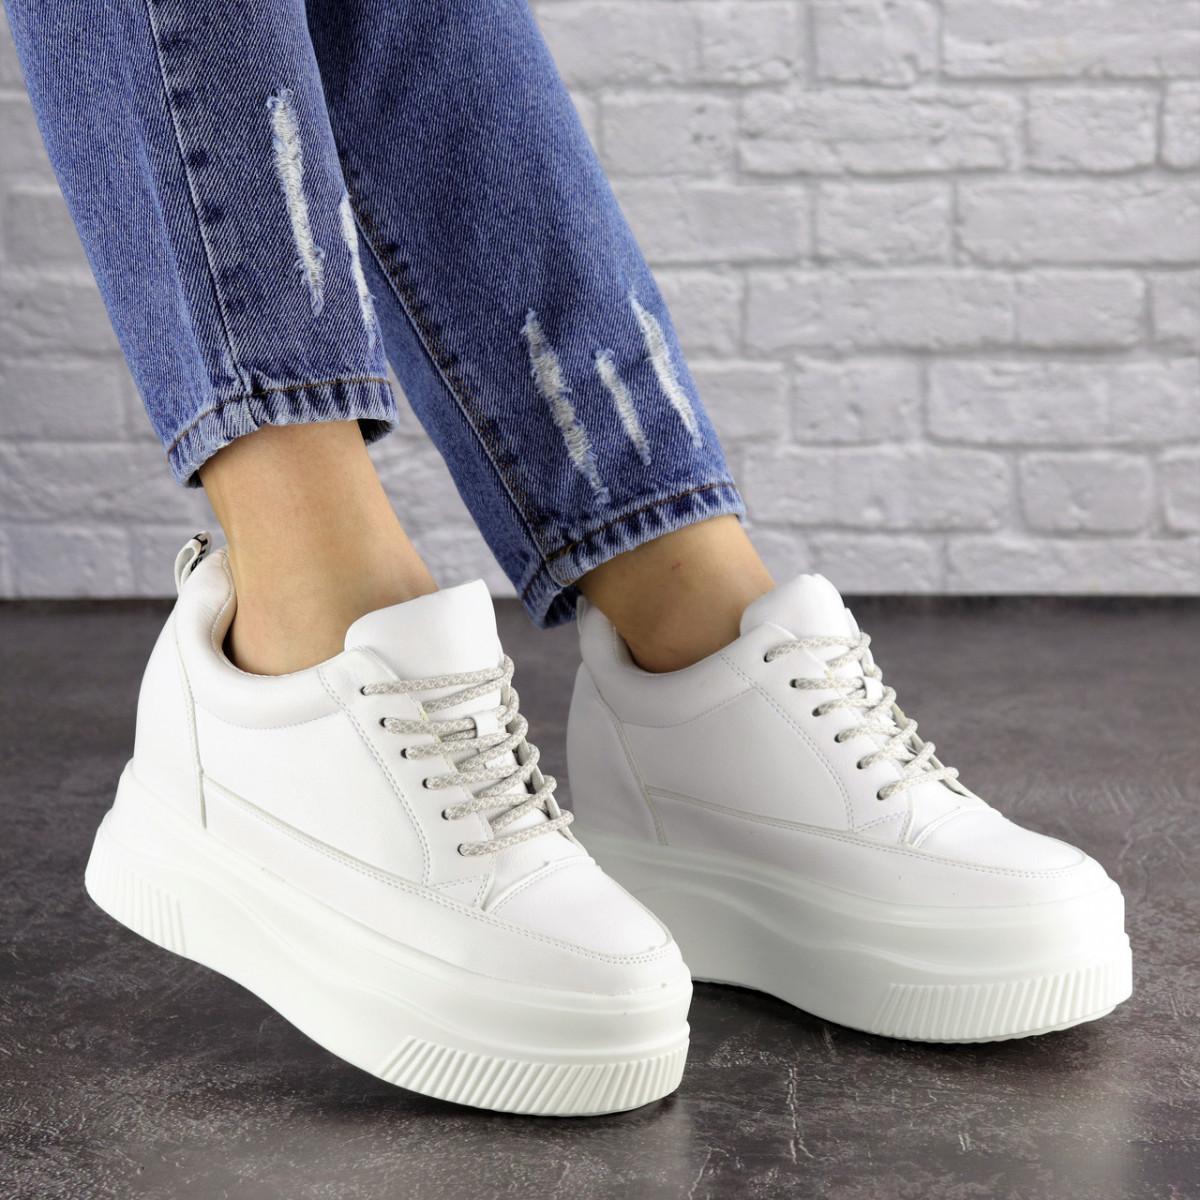 Женские стильные кроссовки на танкетке Fashion Murgie 1671 38 размер 24 см Белый